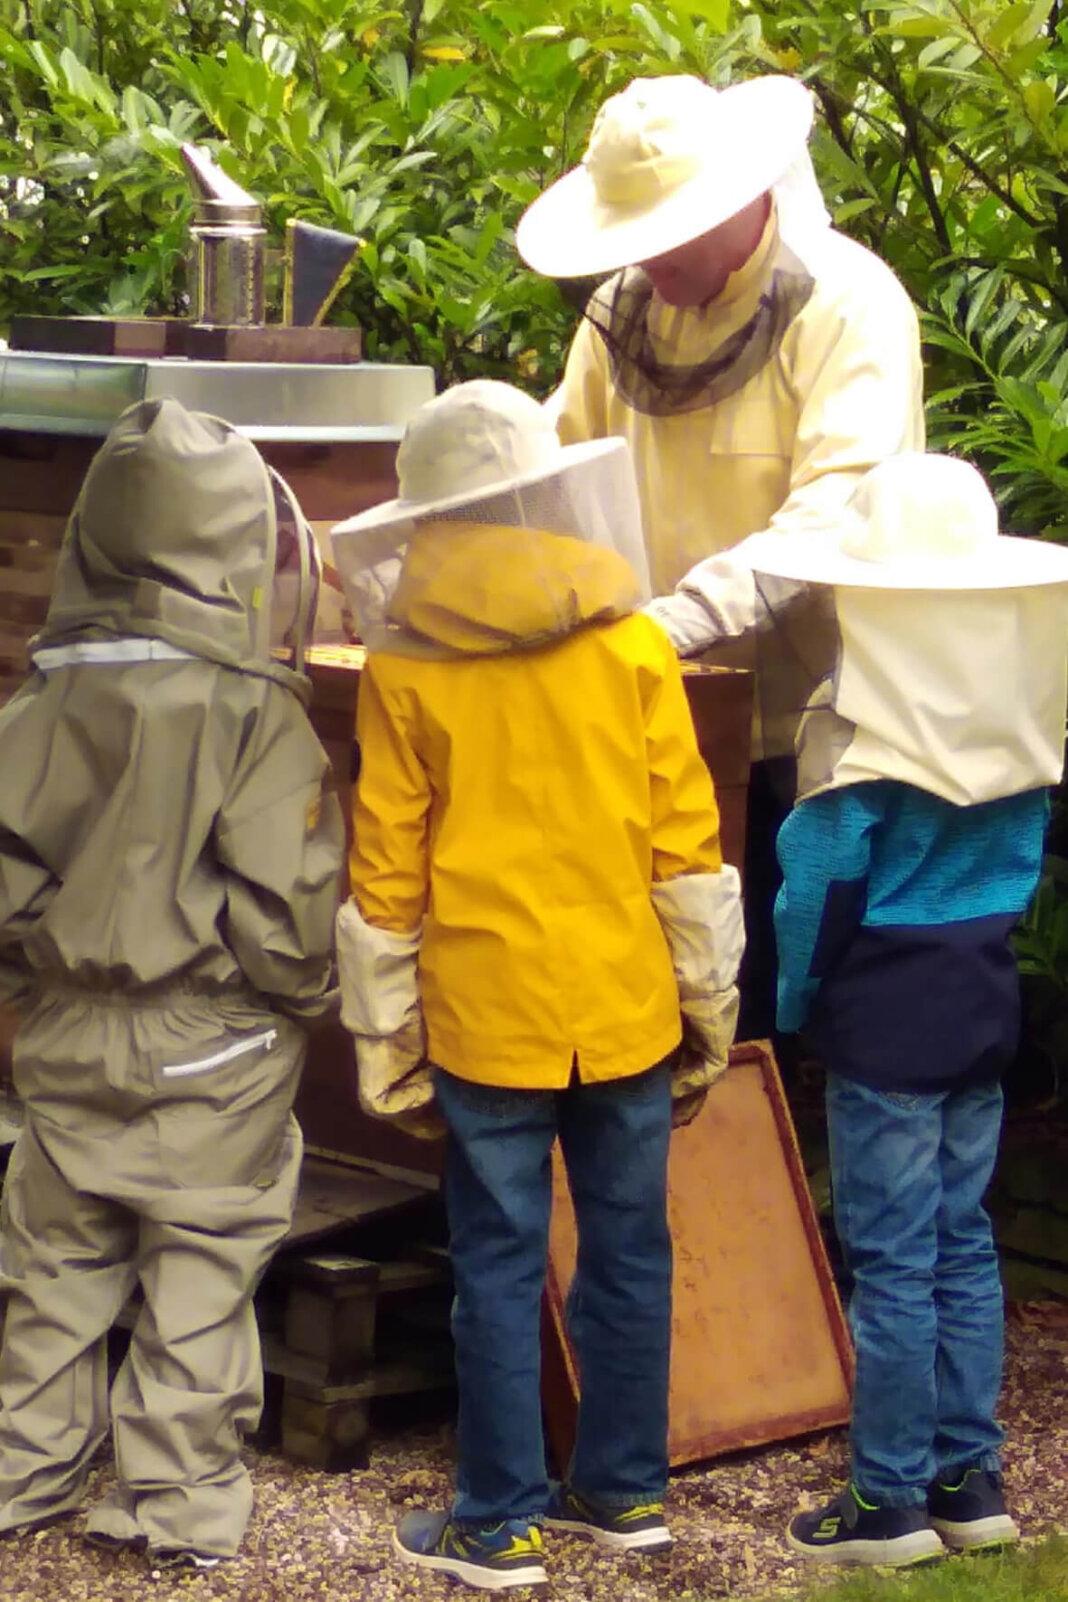 EIn Besuch beim Imker stand für die Mädchen und Jungen der Uhlandschule auf dem Programm. Foto: Olschowka